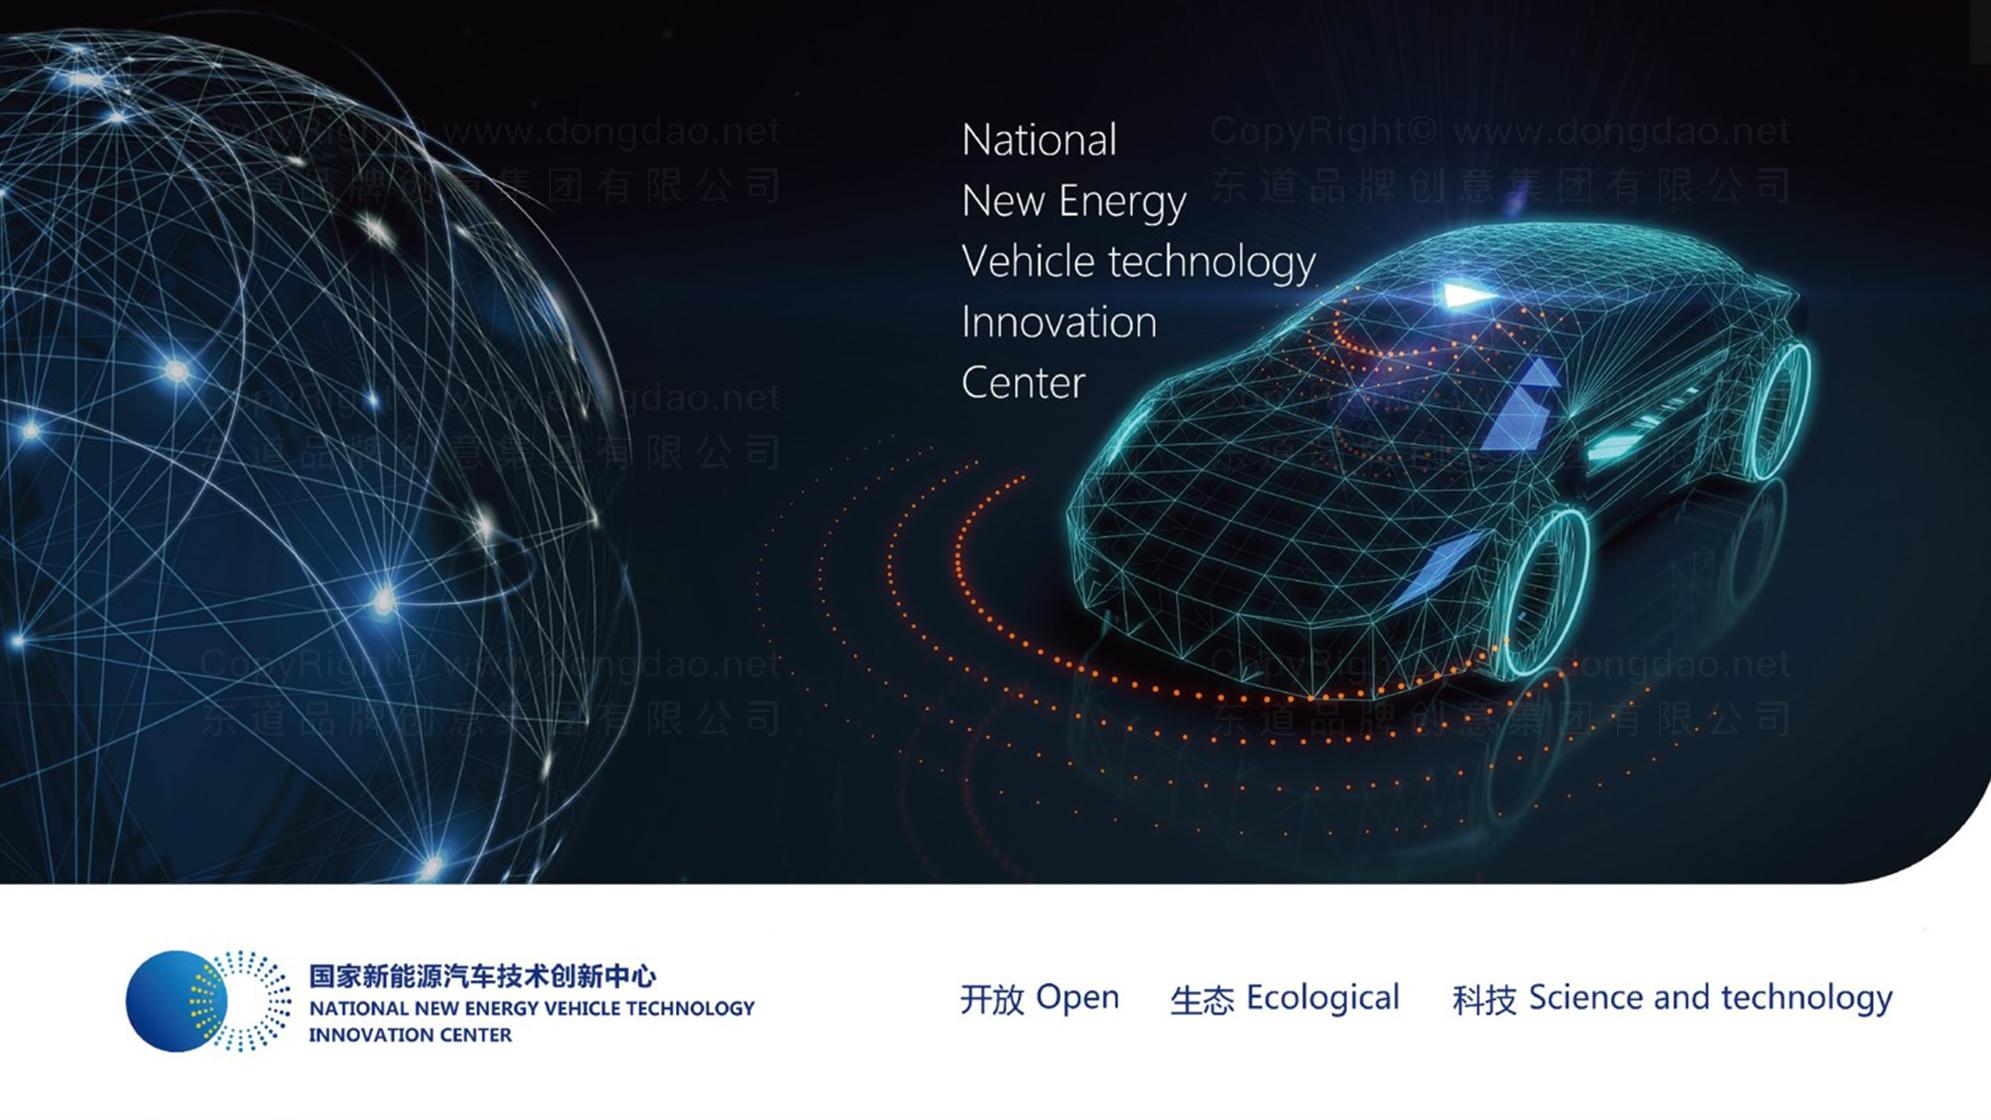 品牌设计国家新能源汽车技术创新中心标志设计应用场景